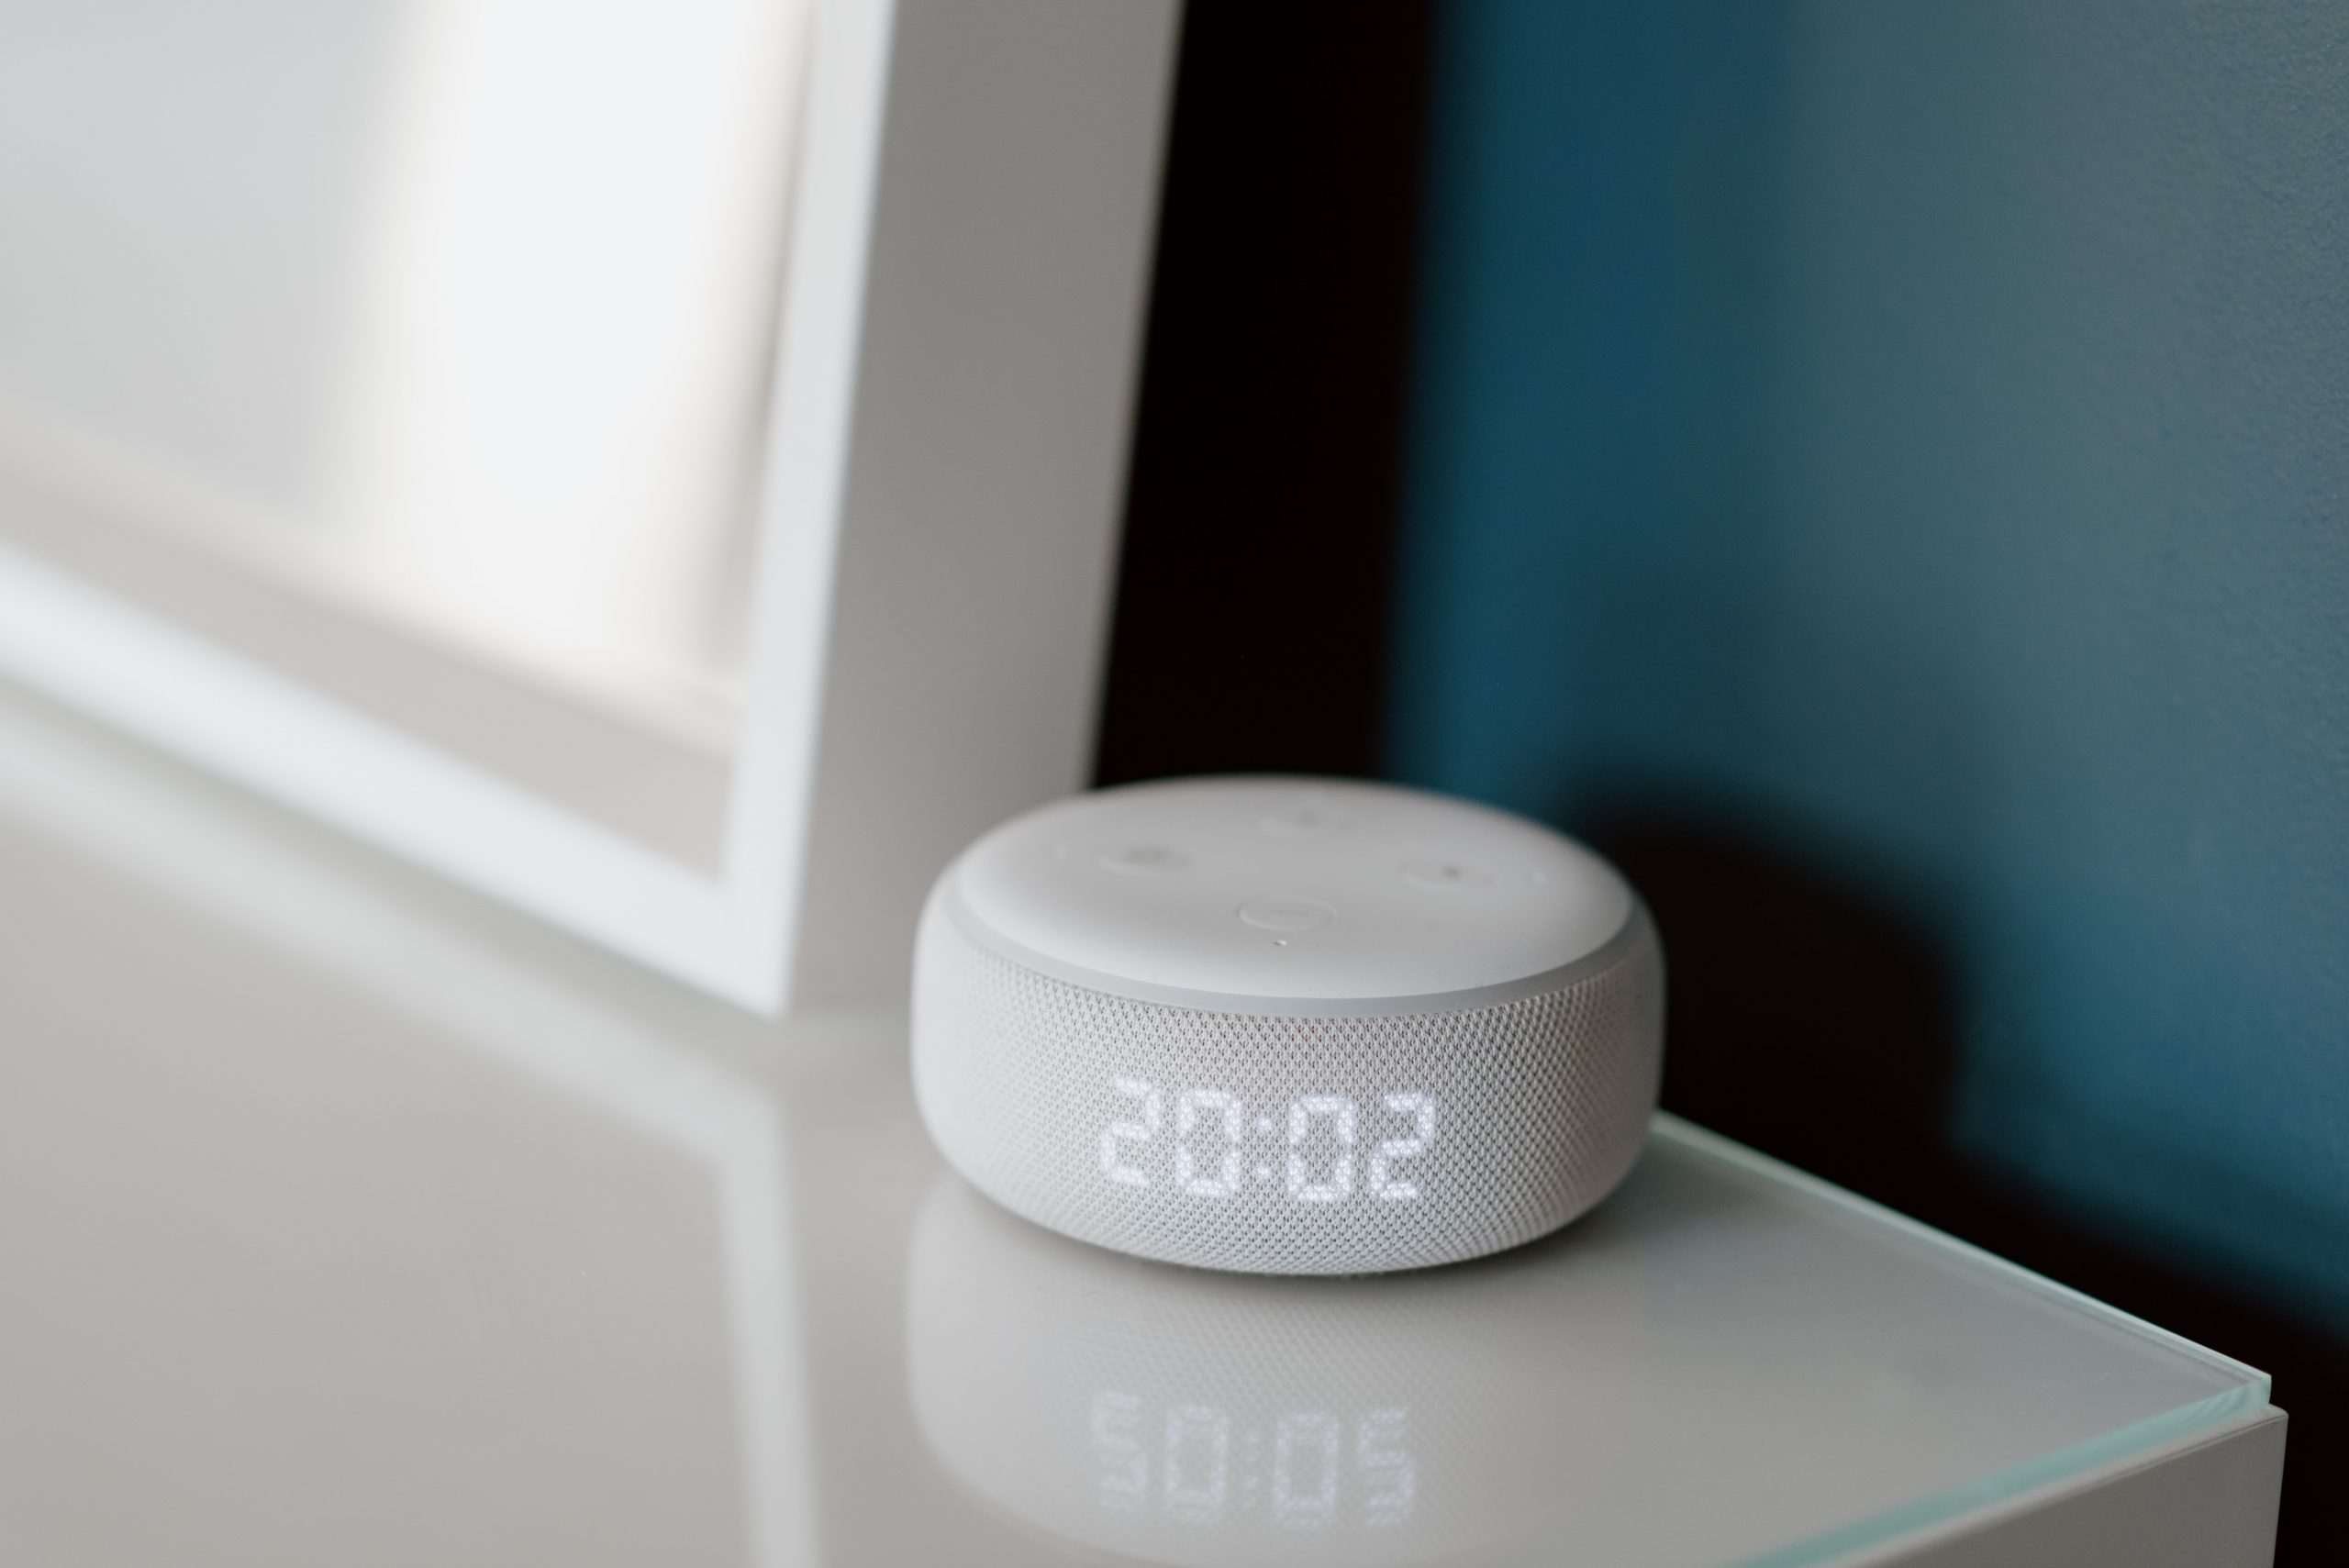 Imagem mostra um relógio inteligente sobre uma mesa.